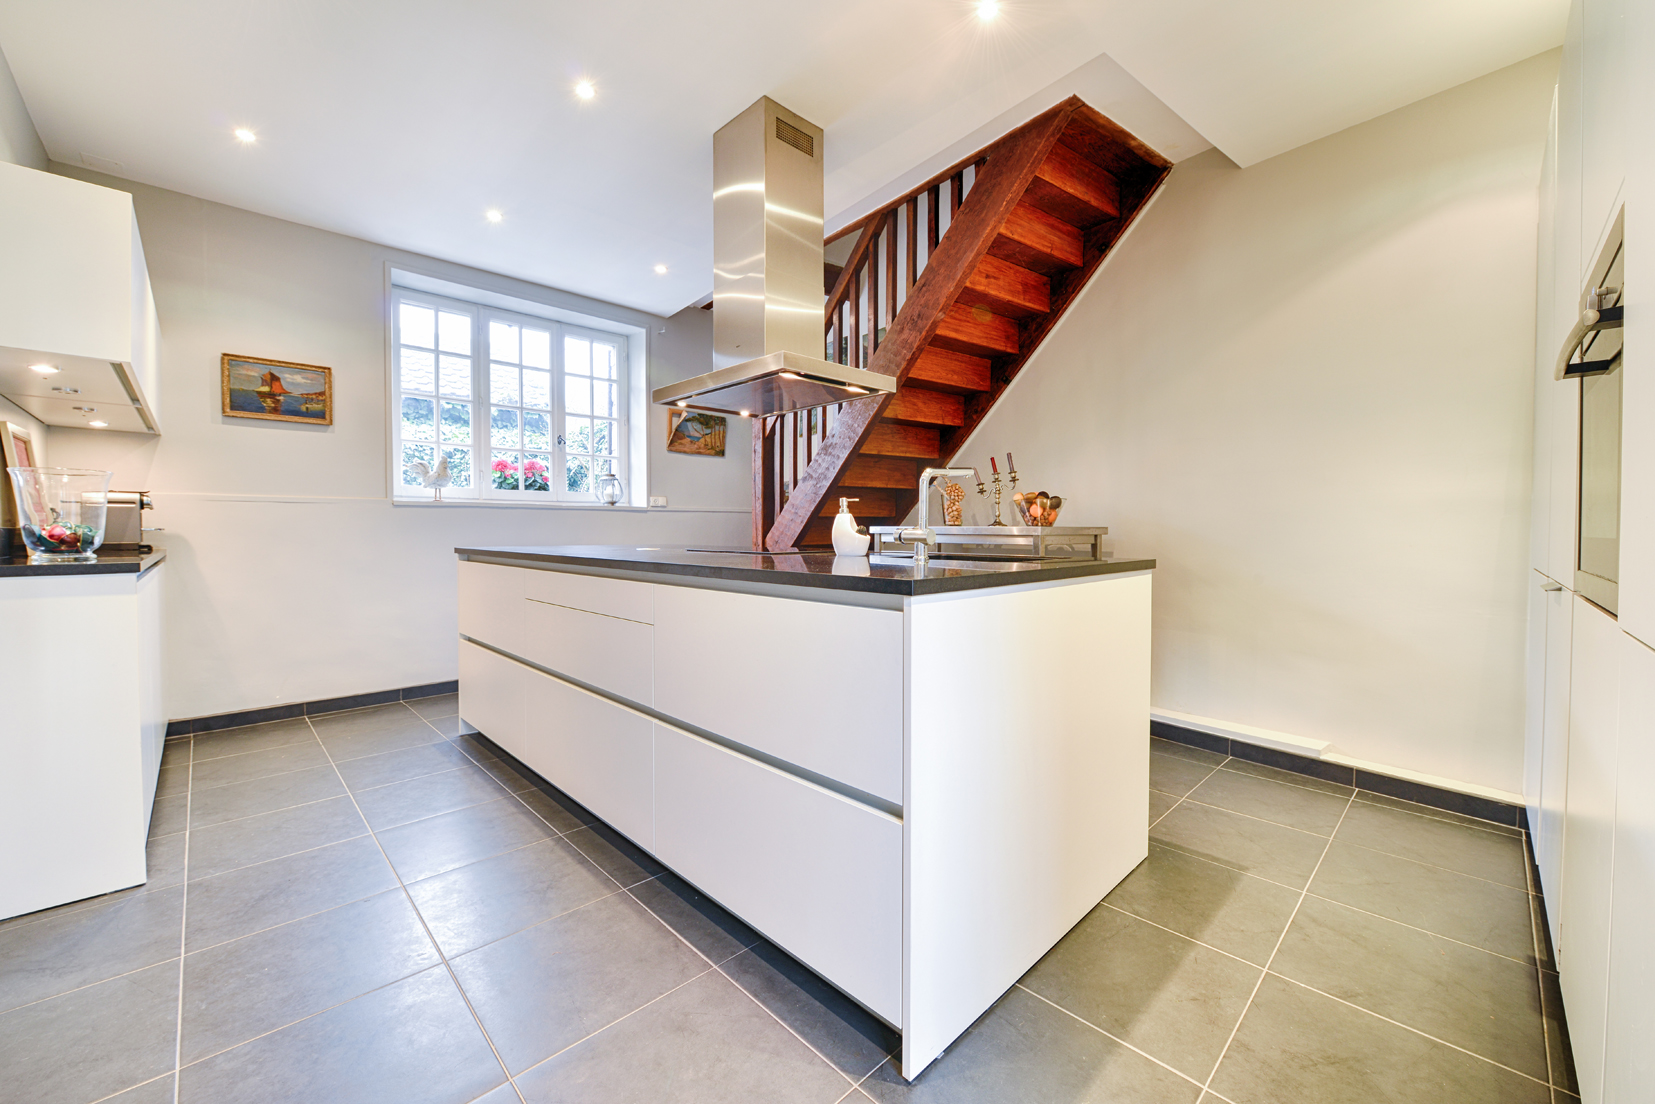 cuisine santos archives cuisines et bains. Black Bedroom Furniture Sets. Home Design Ideas